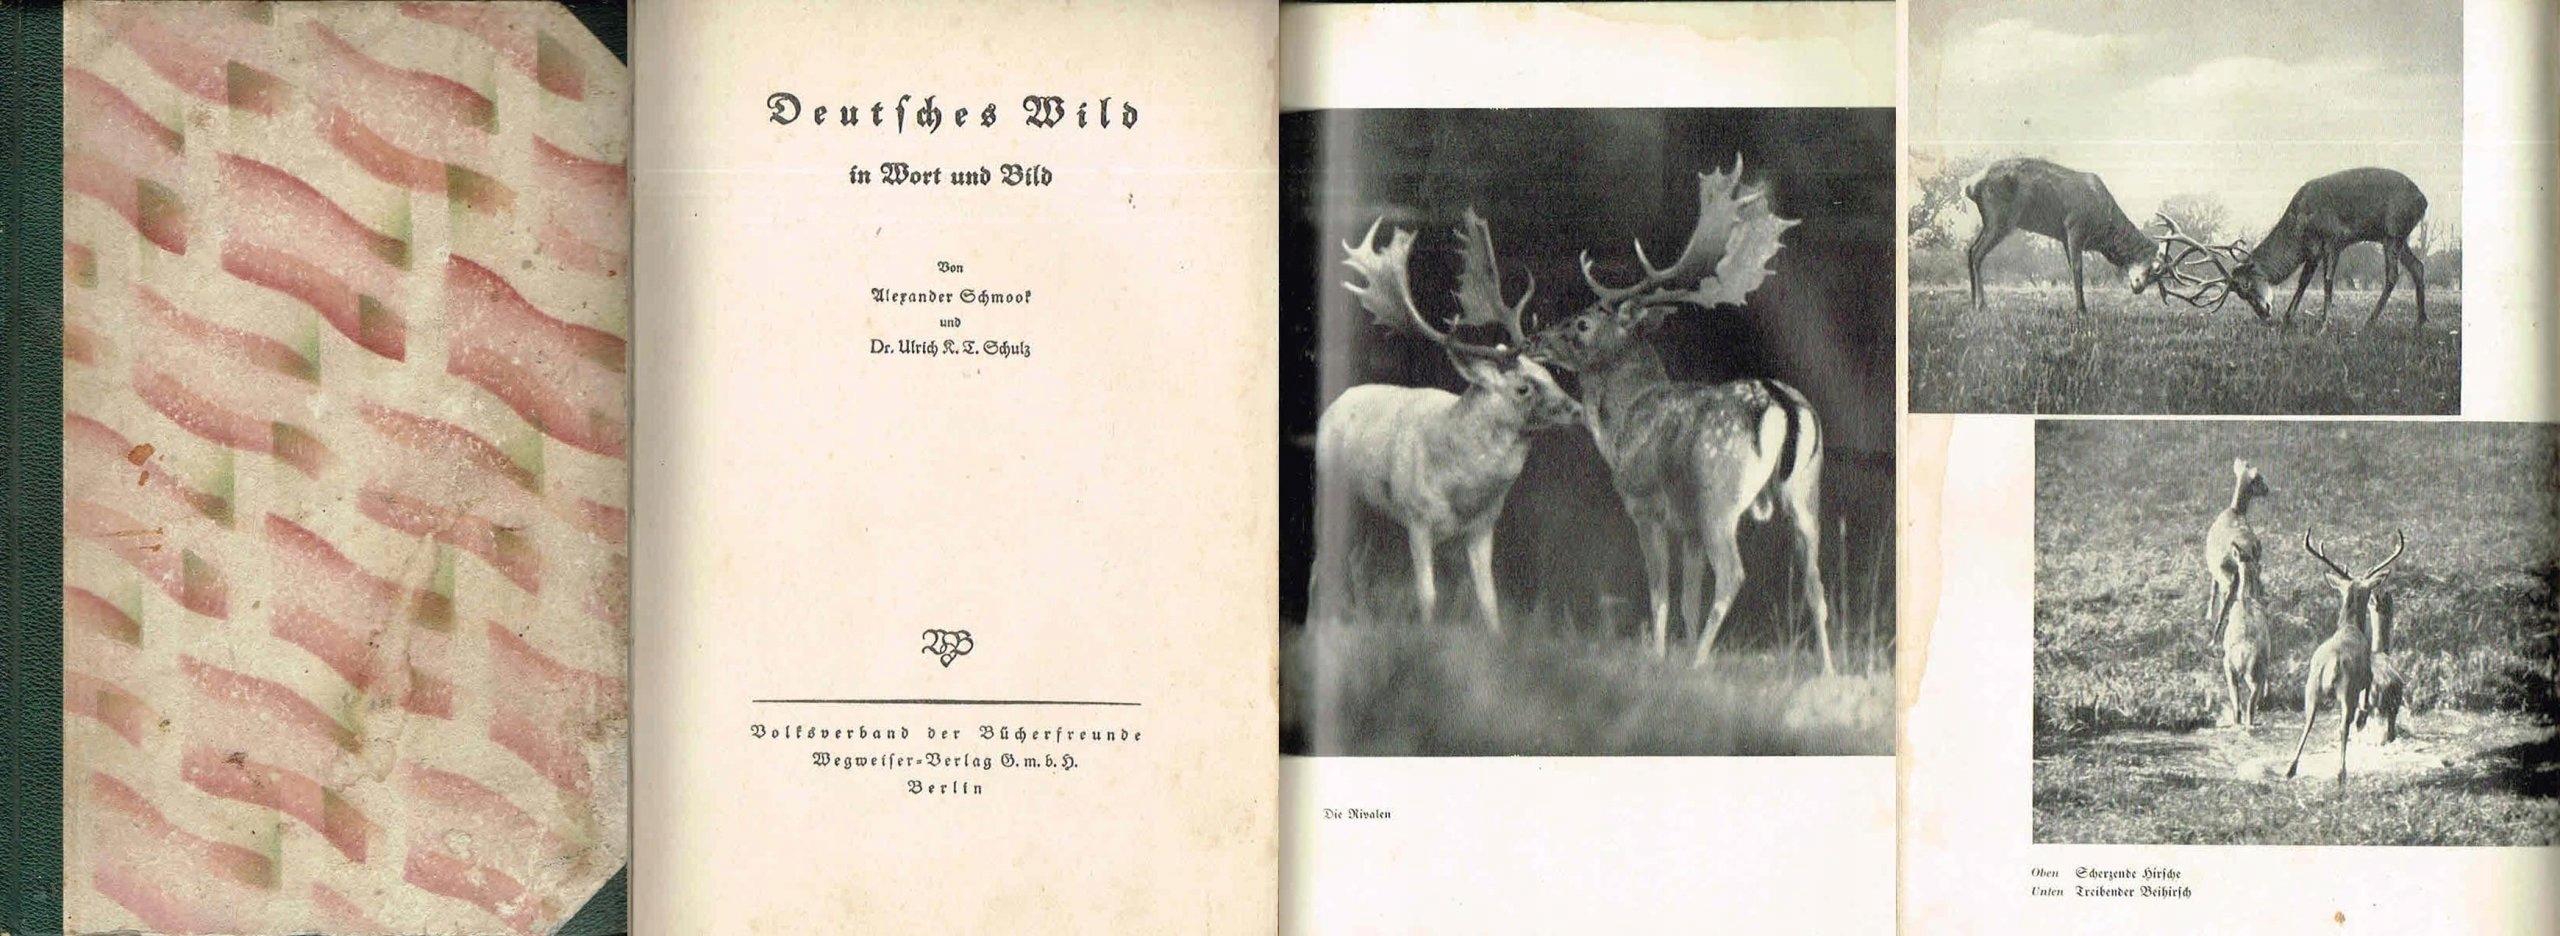 = Deutsches Wild in Wort und Bild [NIEMCY FAUNA] =